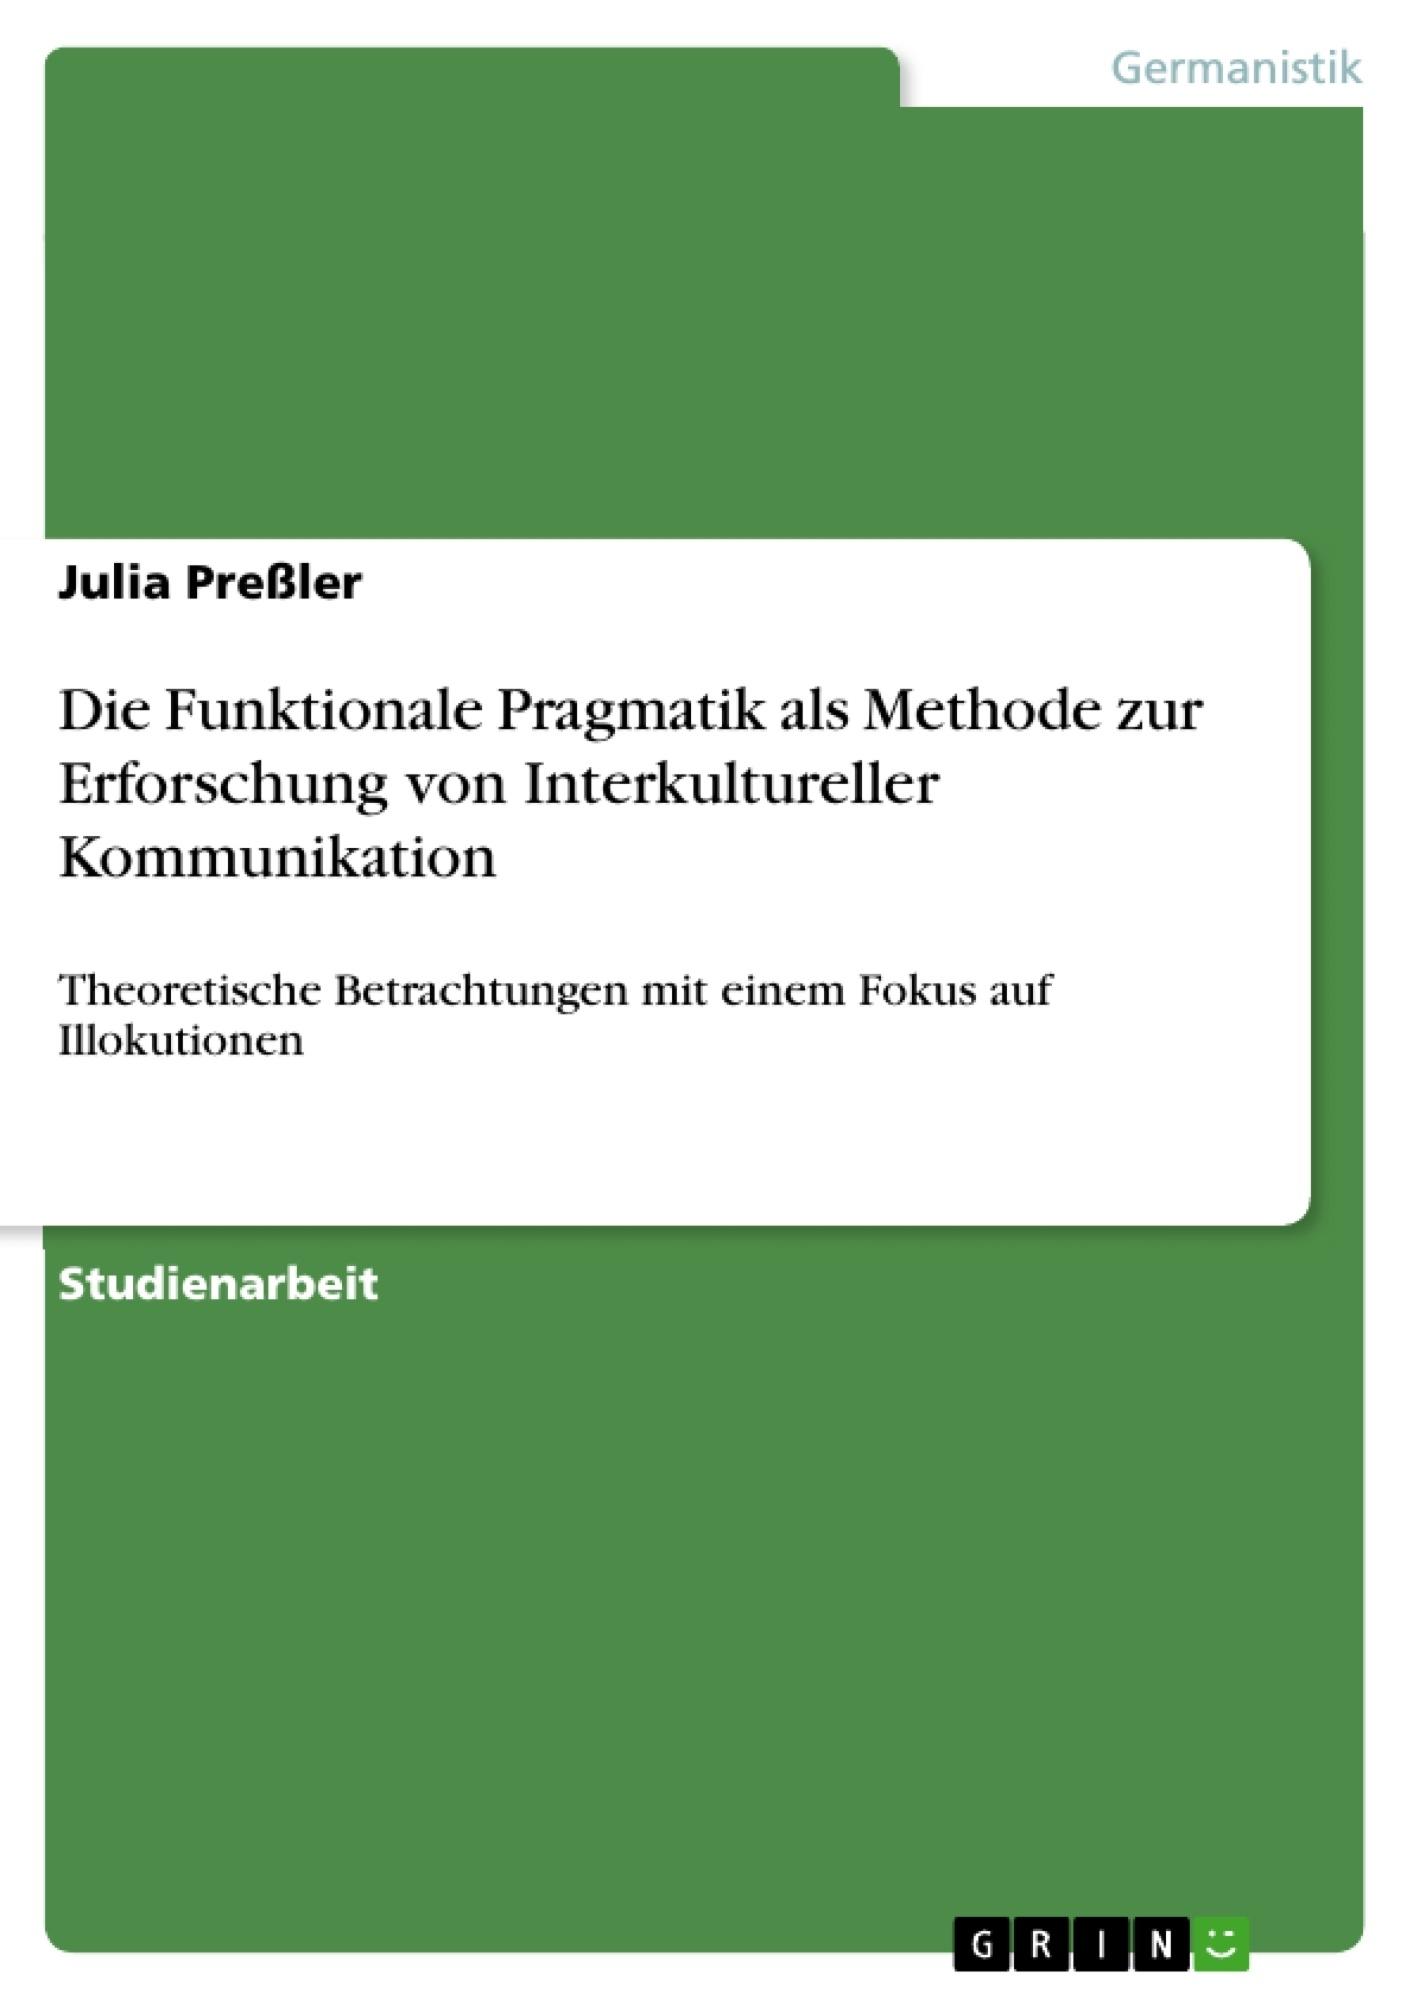 Titel: Die Funktionale Pragmatik als Methode zur Erforschung von Interkultureller Kommunikation